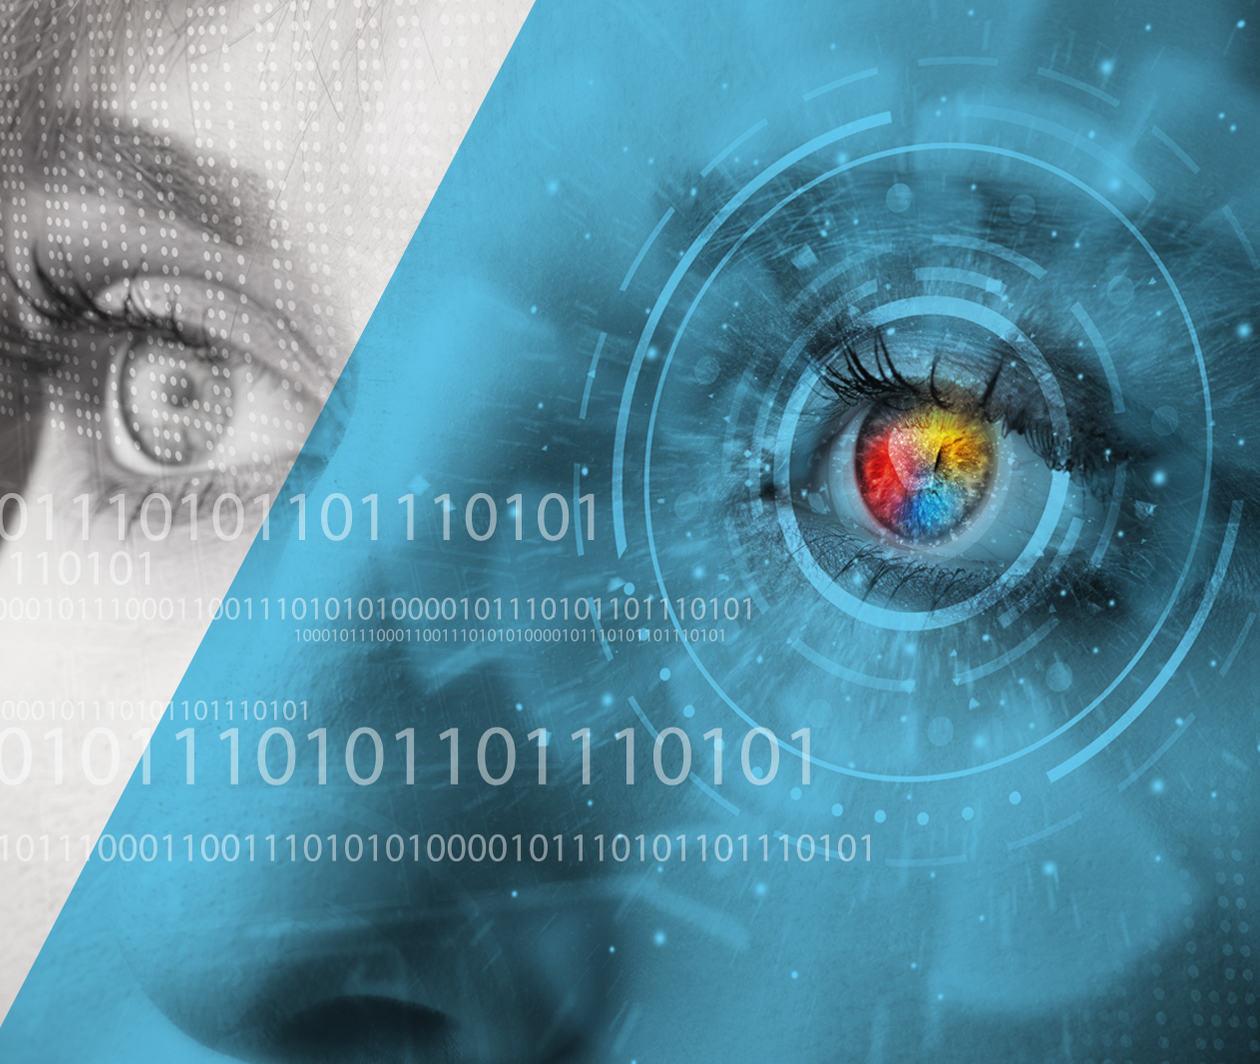 Robotic Vision: Principles of Vision